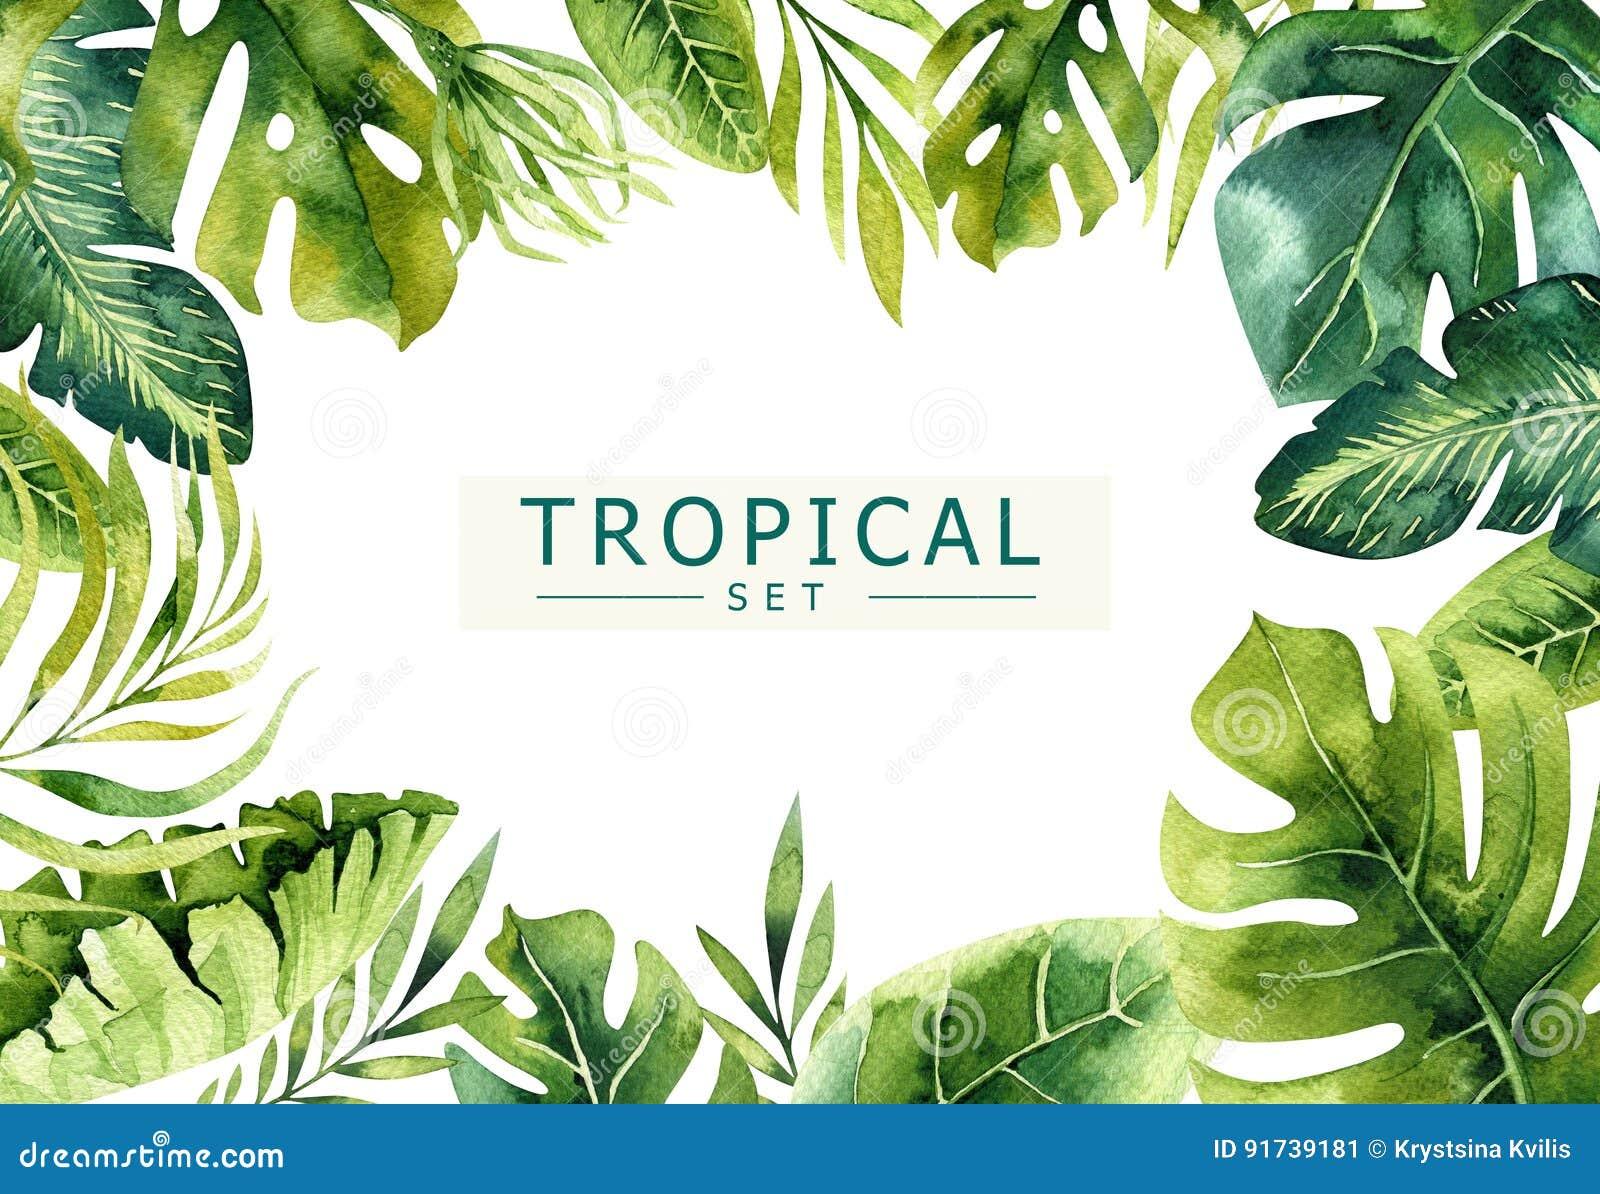 Нарисованная рукой предпосылка тропических заводов акварели Экзотическая ладонь выходит, дерево джунглей, элементы Бразилии тропо